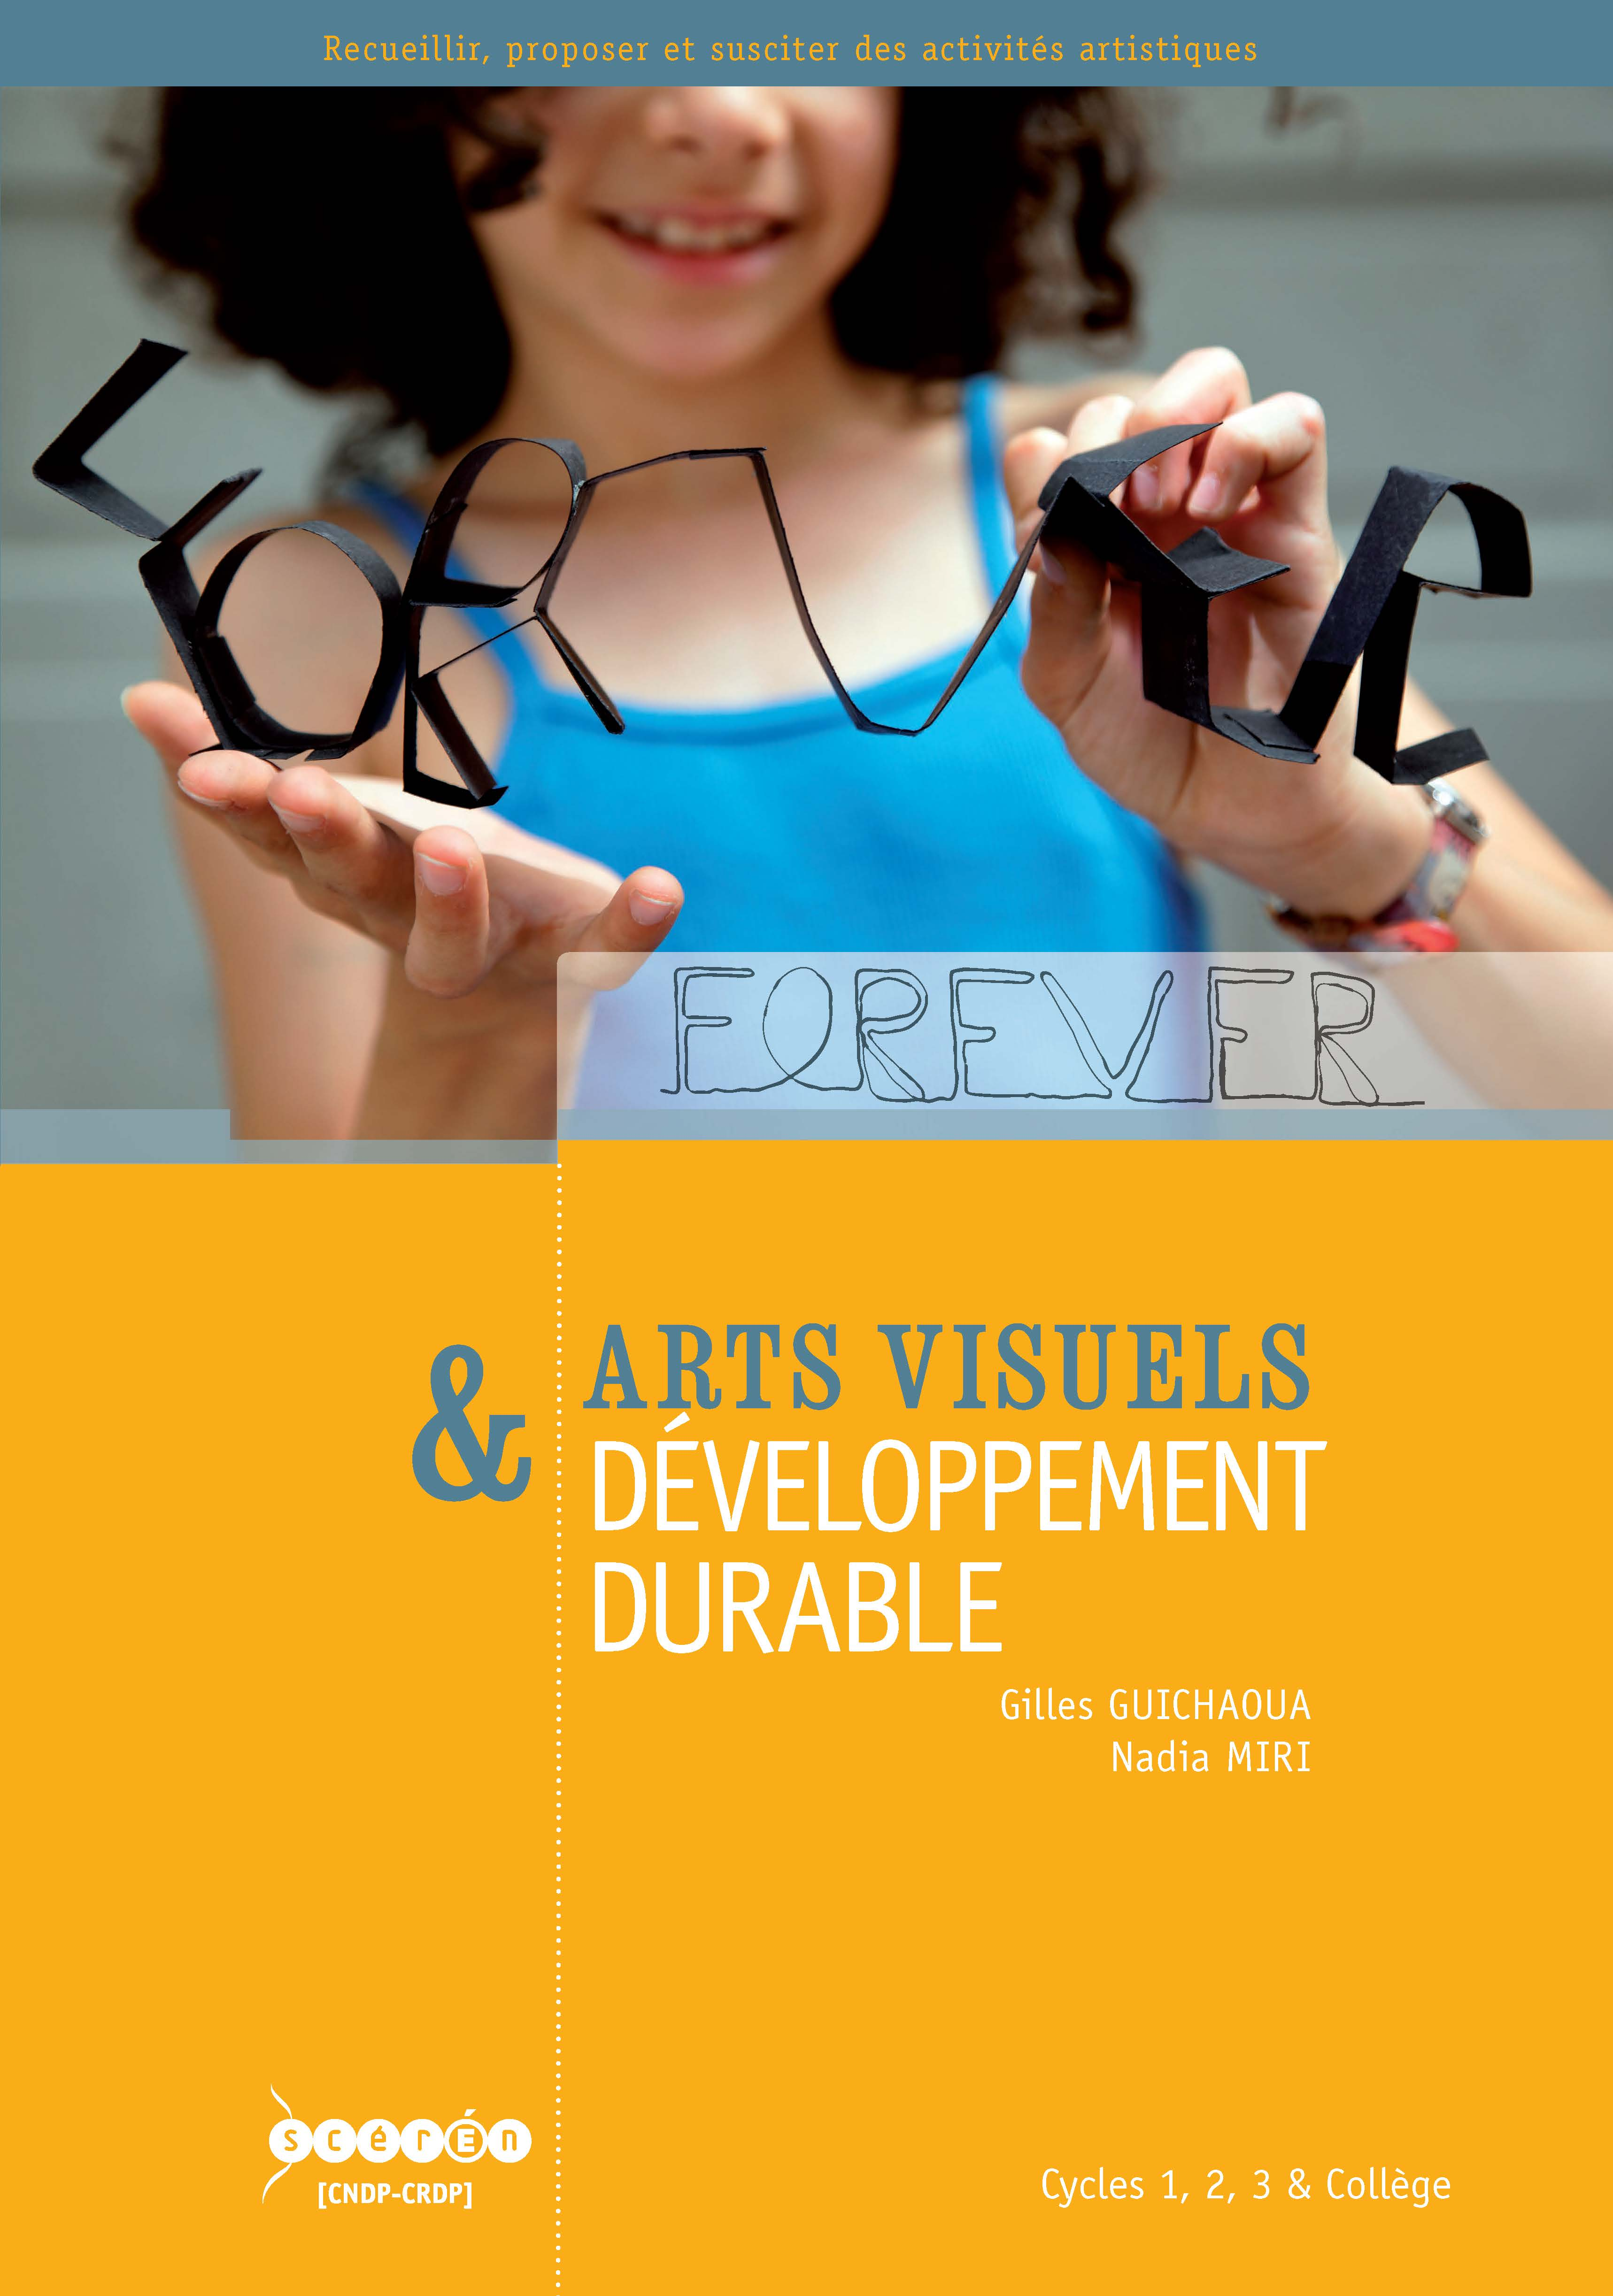 Arts visuels & développement durable